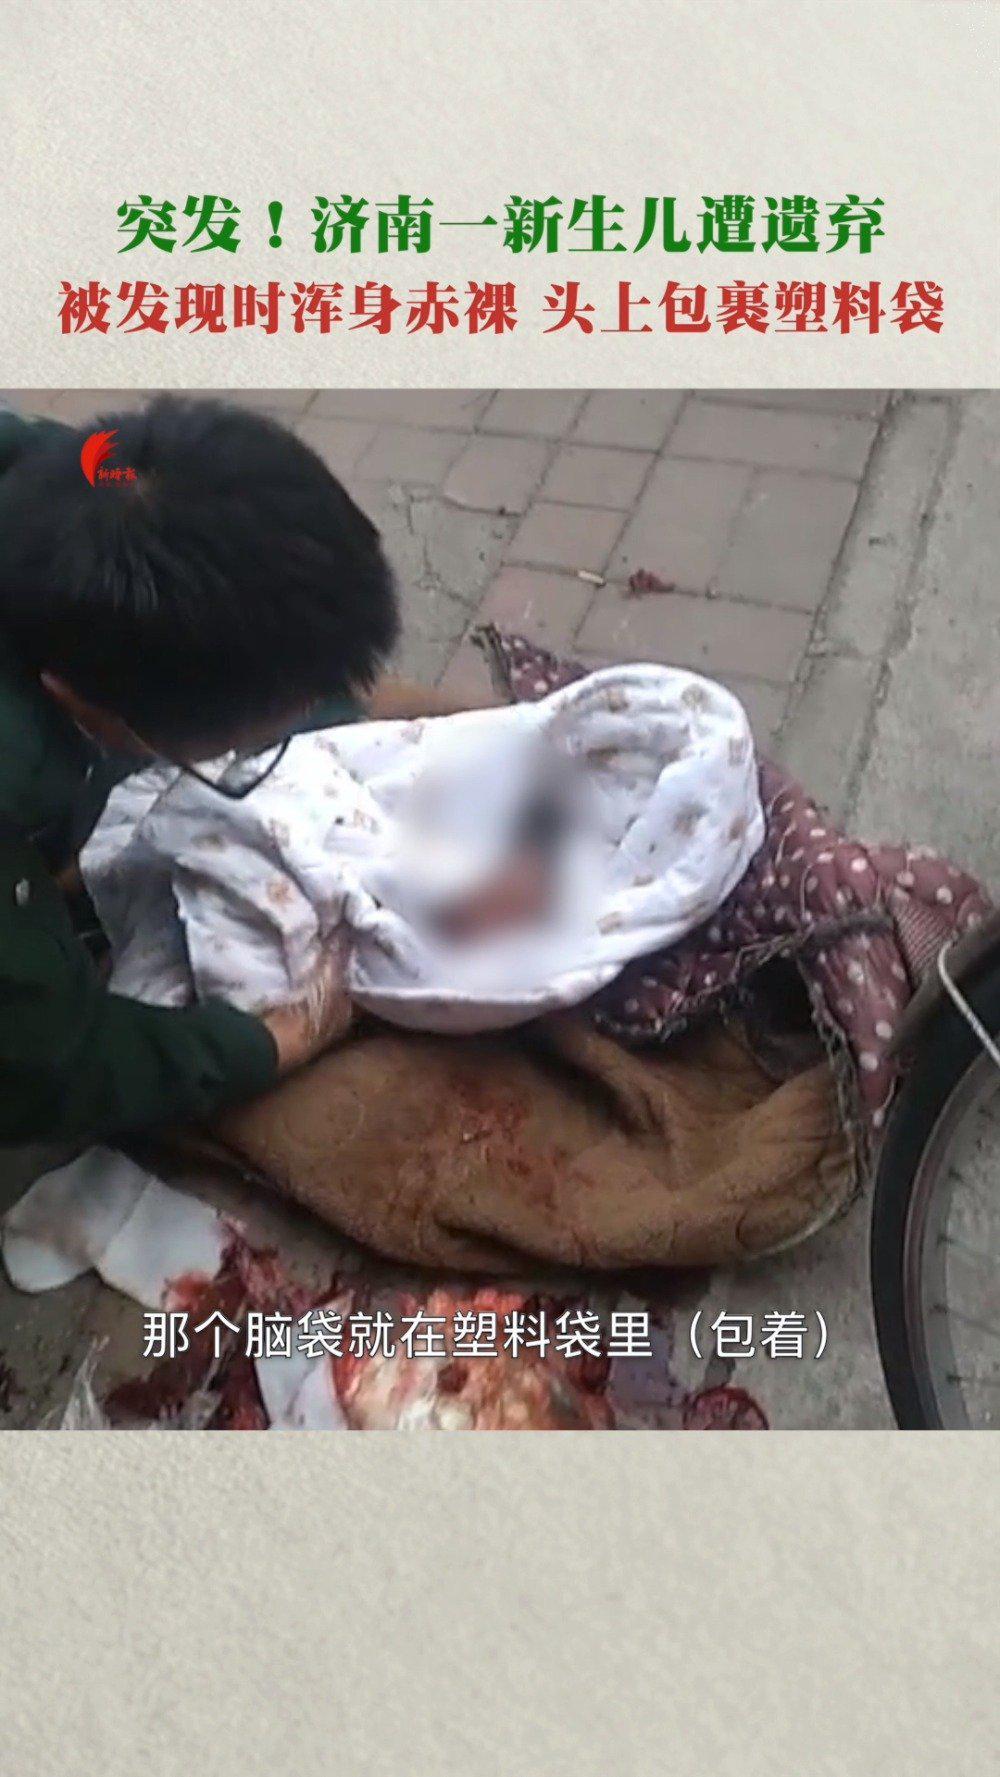 突发!济南一新生儿遭遗弃 被发现时浑身赤裸,头裹塑料袋